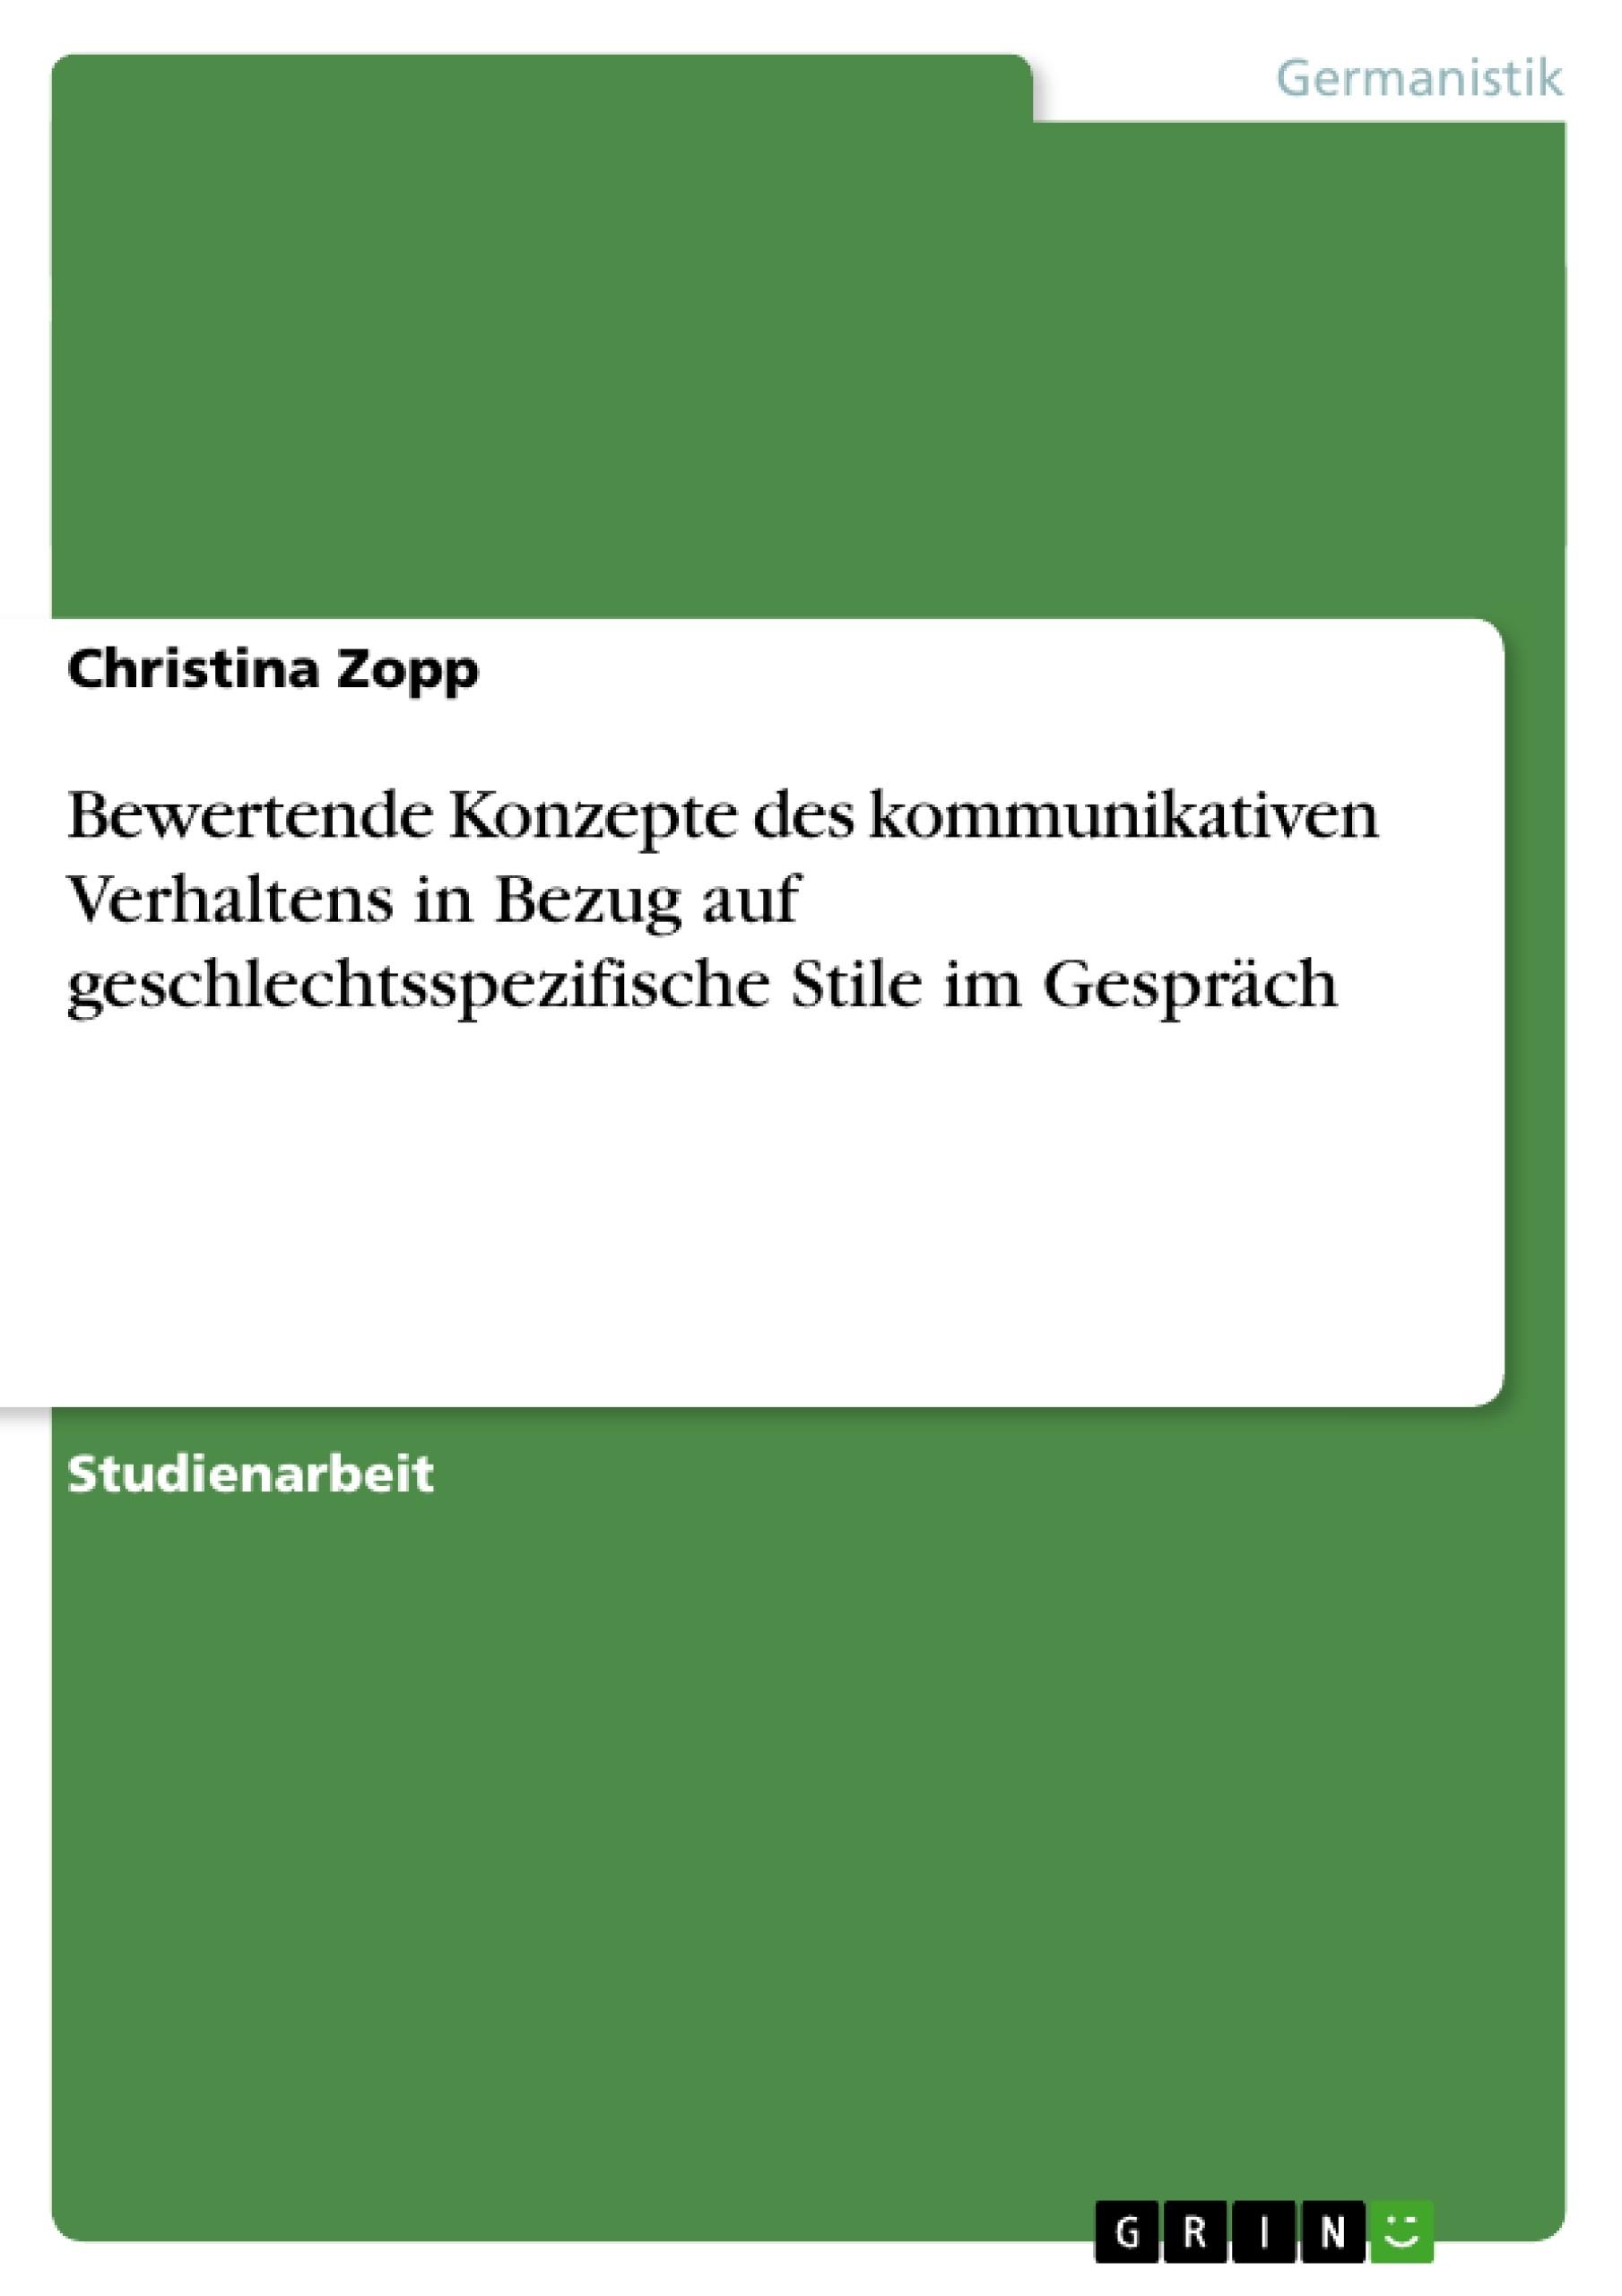 Titel: Bewertende Konzepte des kommunikativen Verhaltens in Bezug auf geschlechtsspezifische Stile im Gespräch